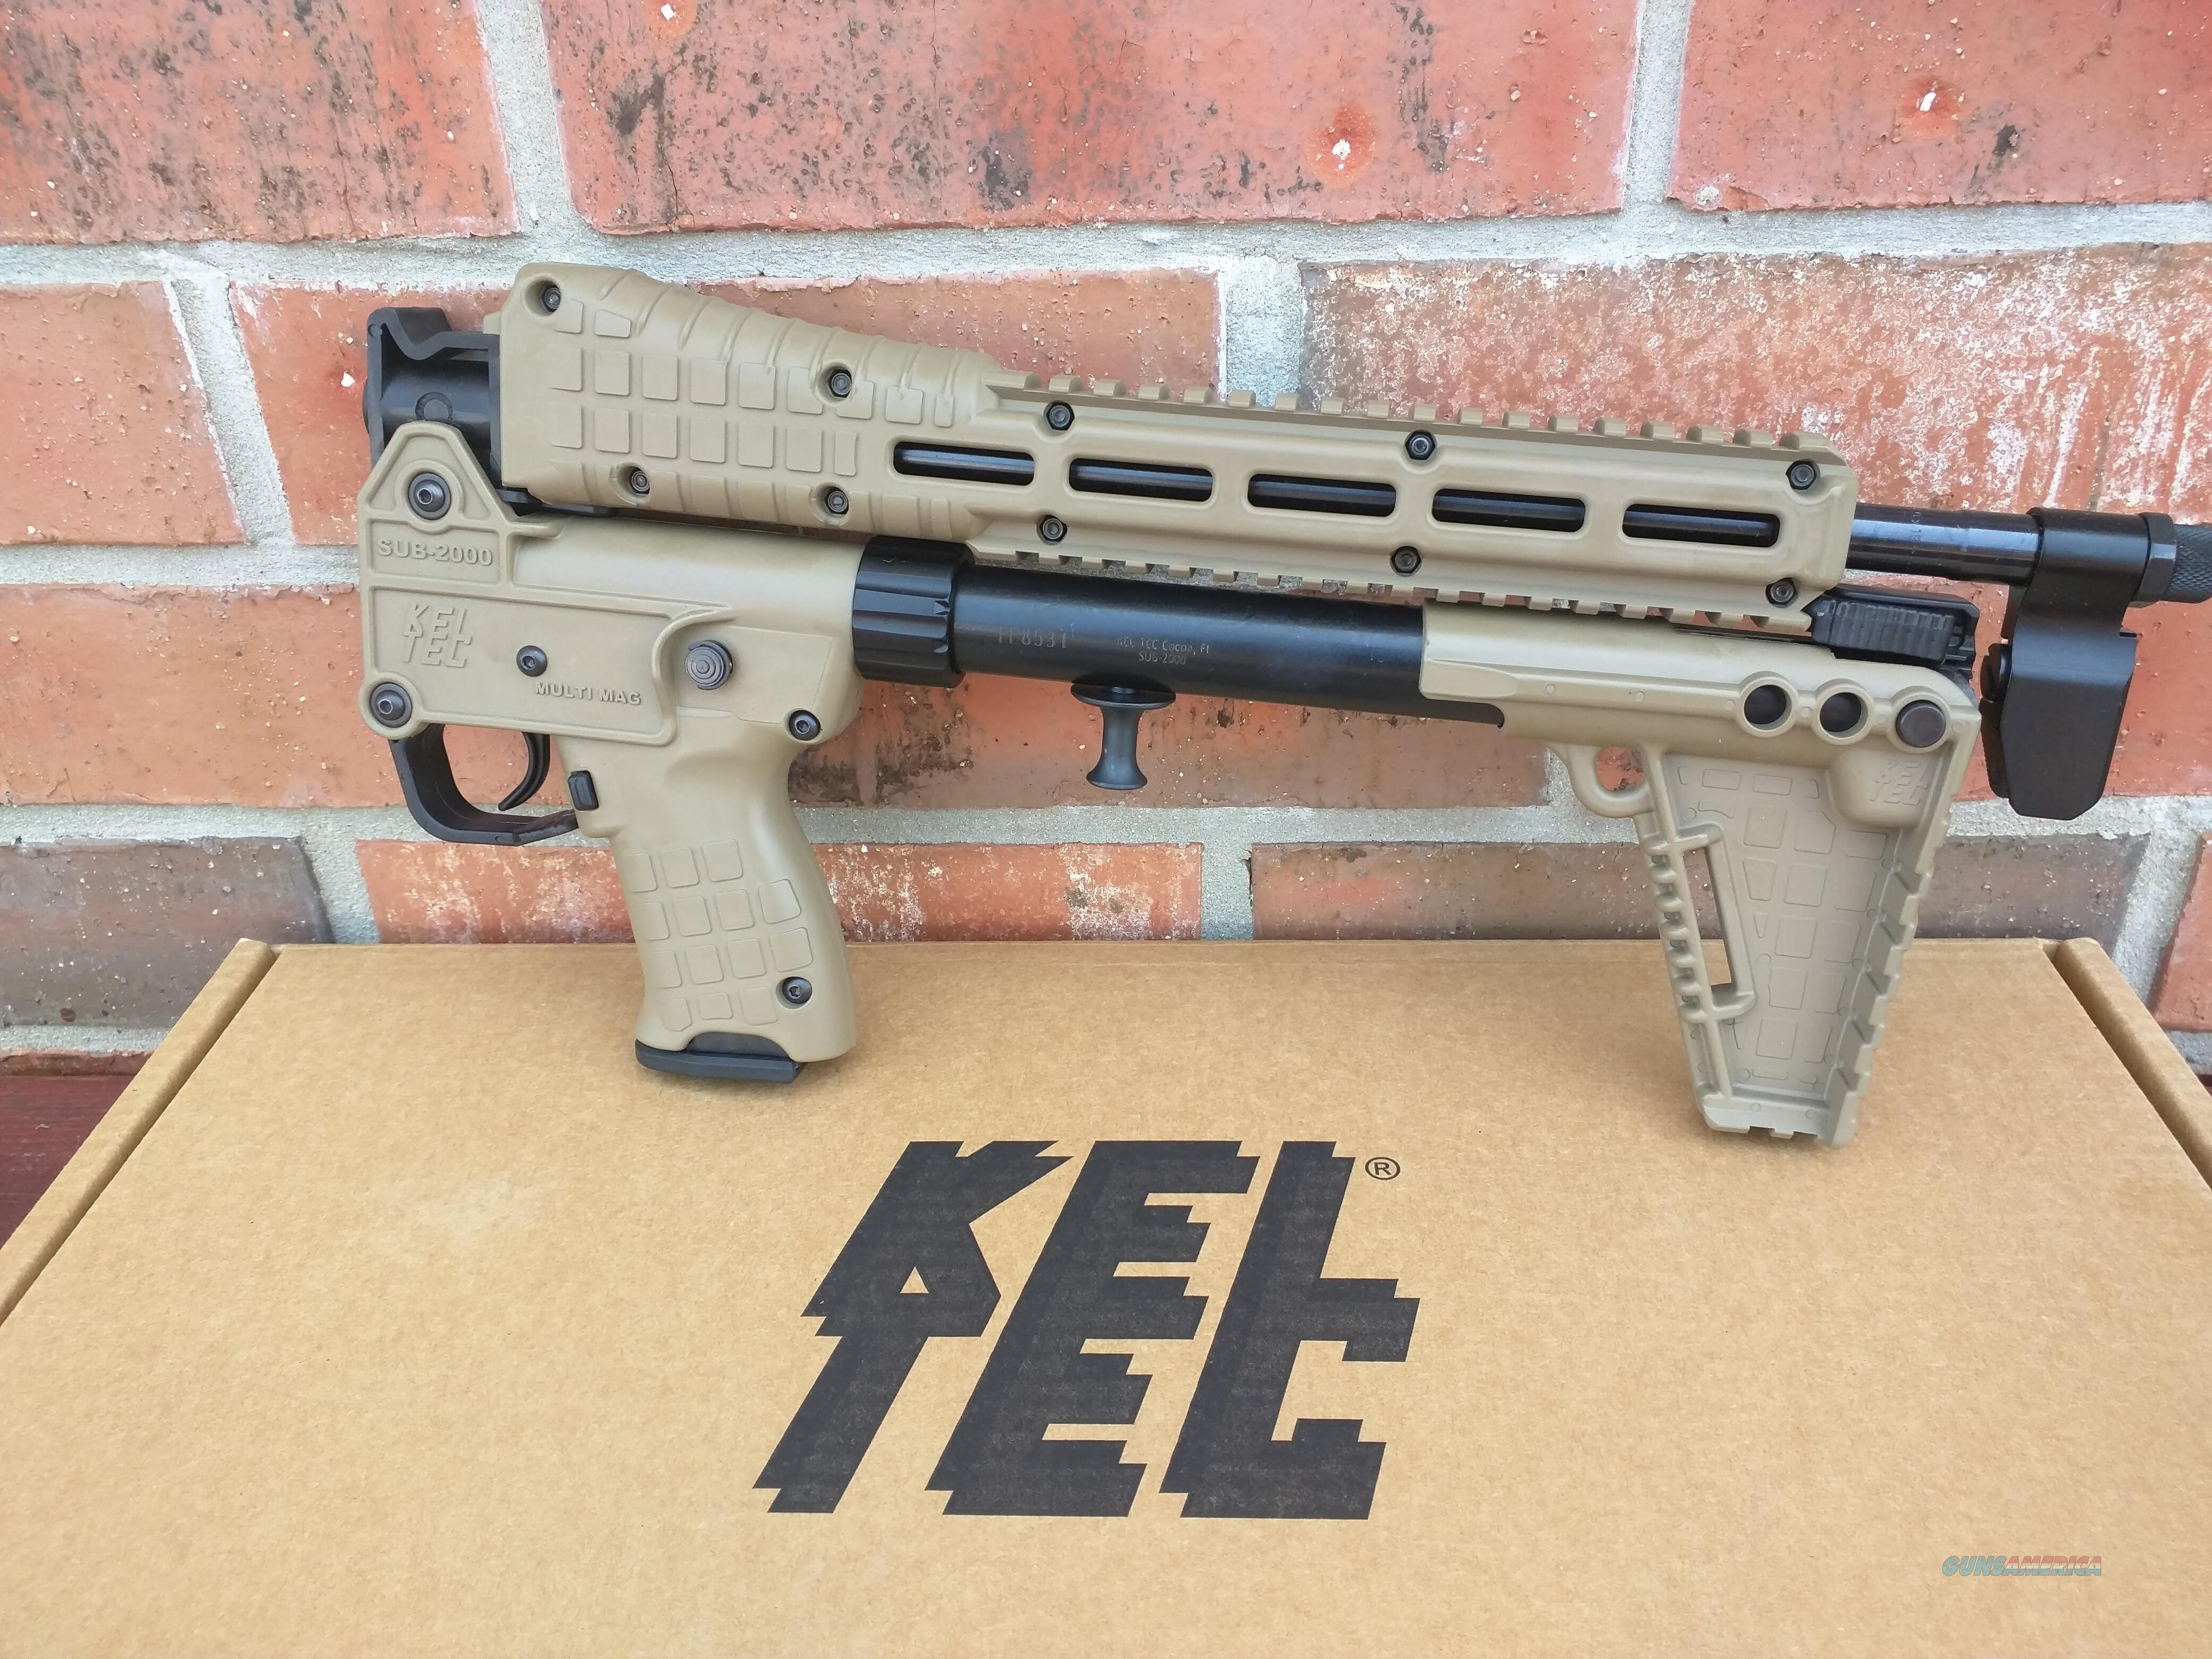 Keltec Kel tec Sub 2000 Sub 2K Gen 2 Tan 9mm S&W M&P Mags 17 Round Folding Rifle NIB Hard to Find FREE LAYAWAY!! SALE!!  Guns > Rifles > Kel-Tec Rifles